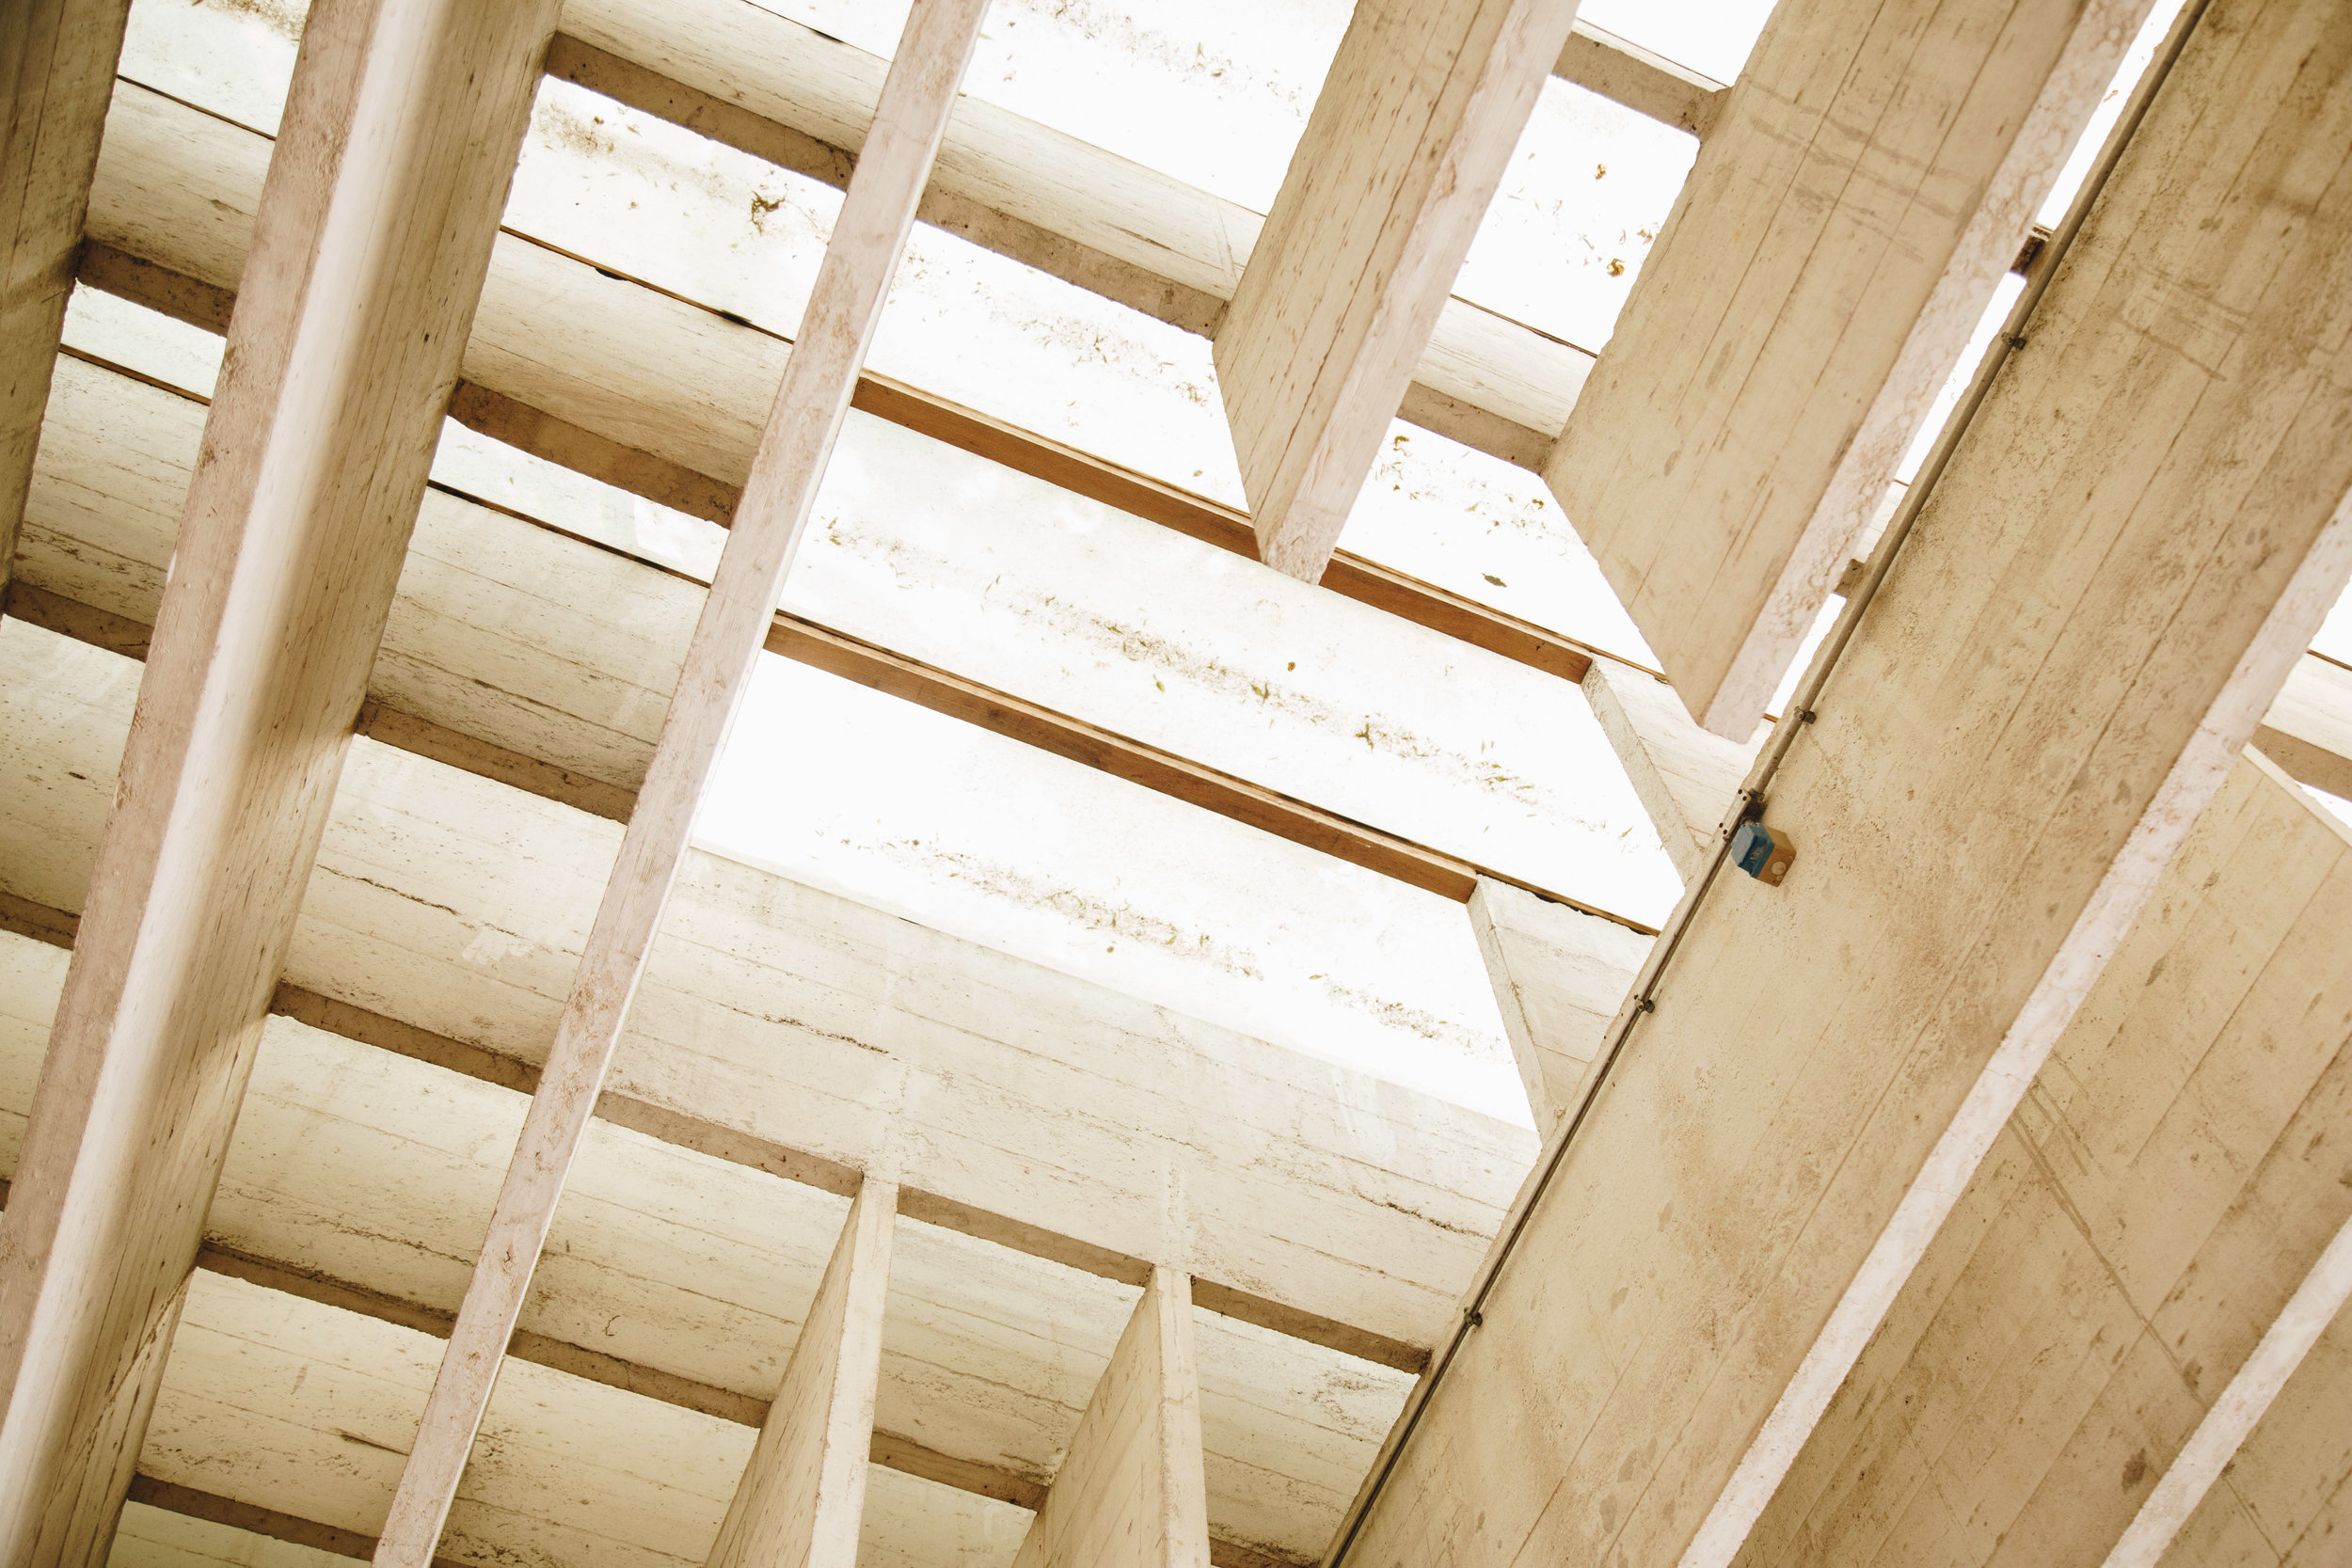 VENICE19_Biennale (7 of 18).jpg